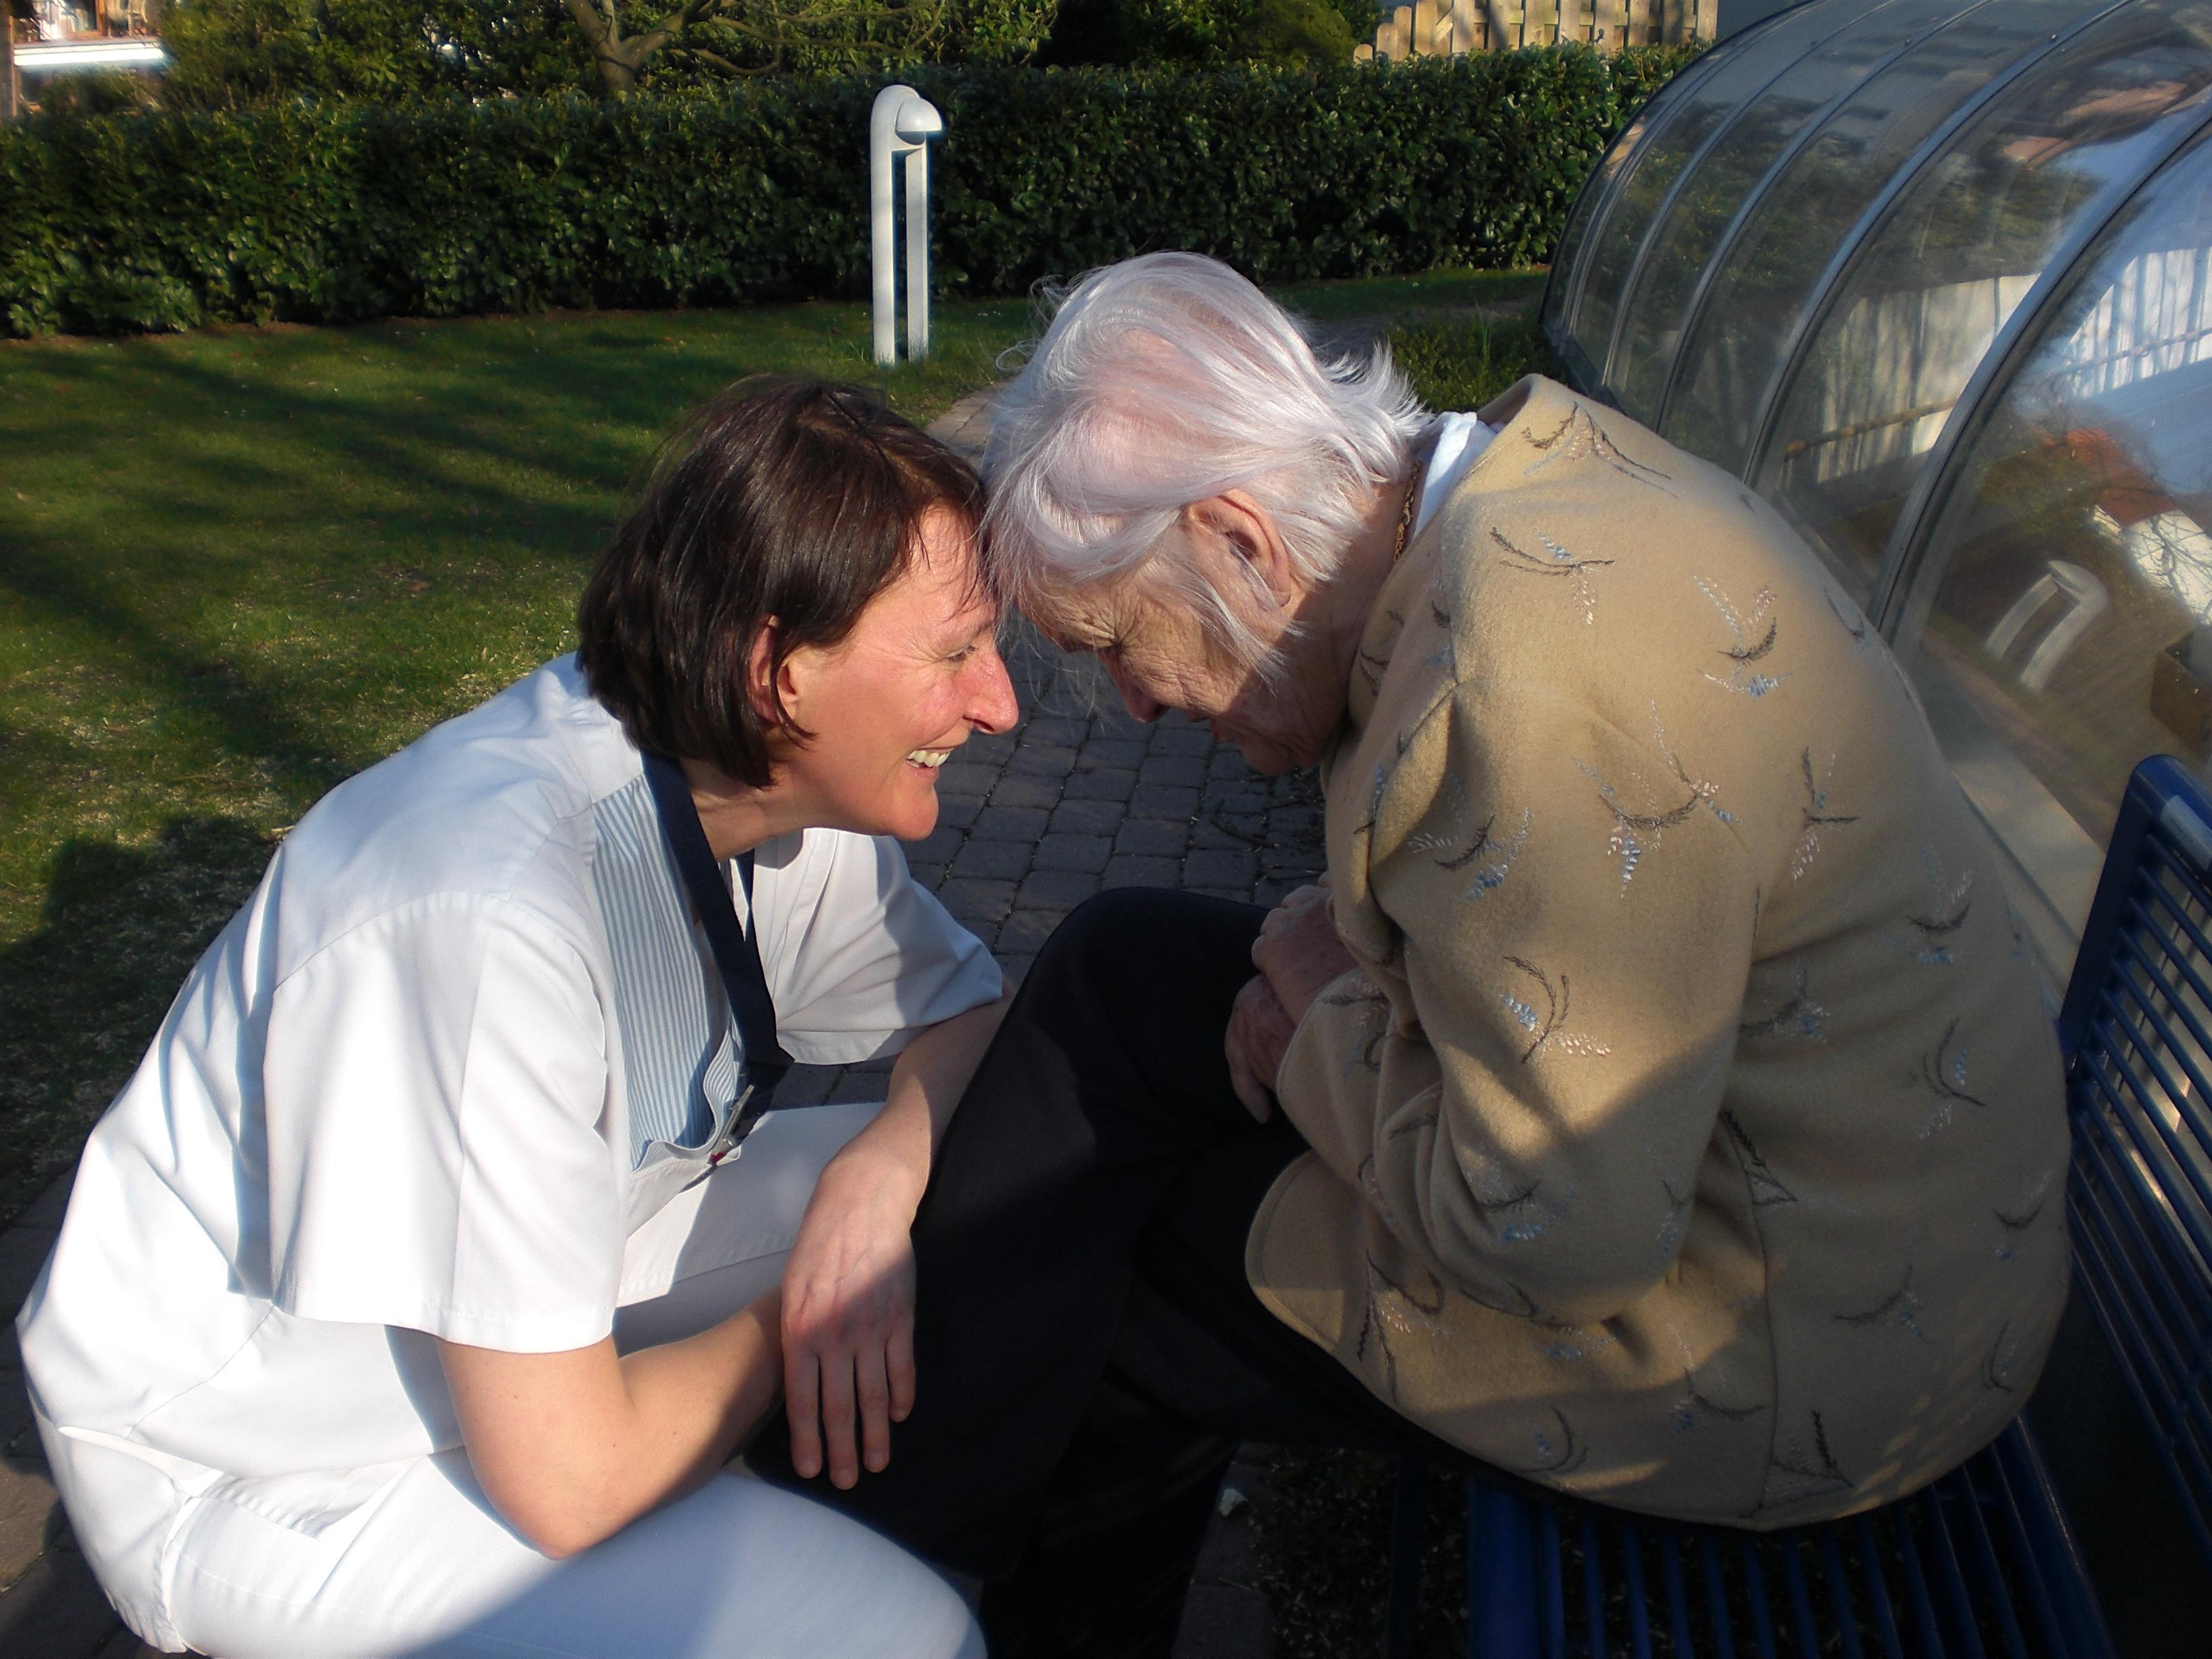 Das Alten- und Pflegeheim sowie der ambulante Pflegedienst haben in Lüneburg und dem Umland einen ausgezeichneten Ruf. Die Menschlichkeit, wie hier Schwester Irene mit Frau Fischer, macht uns aus und ist bis heute unser wichtigster berufsethischer Leitgedanke.